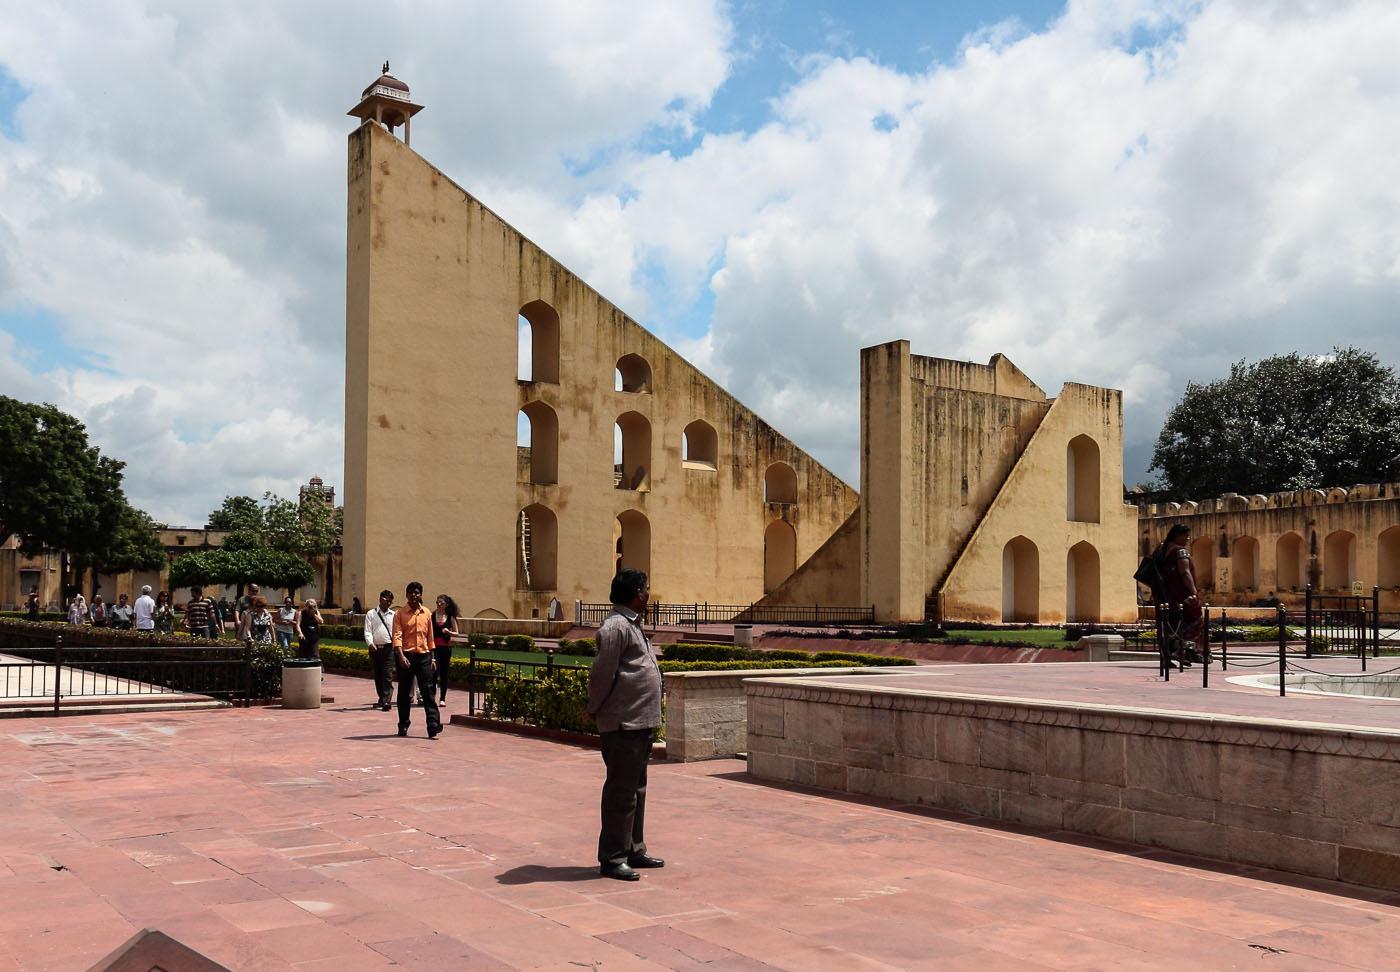 Фото 24. Часы в обсерватории. Поездка в Джайпур из Дели